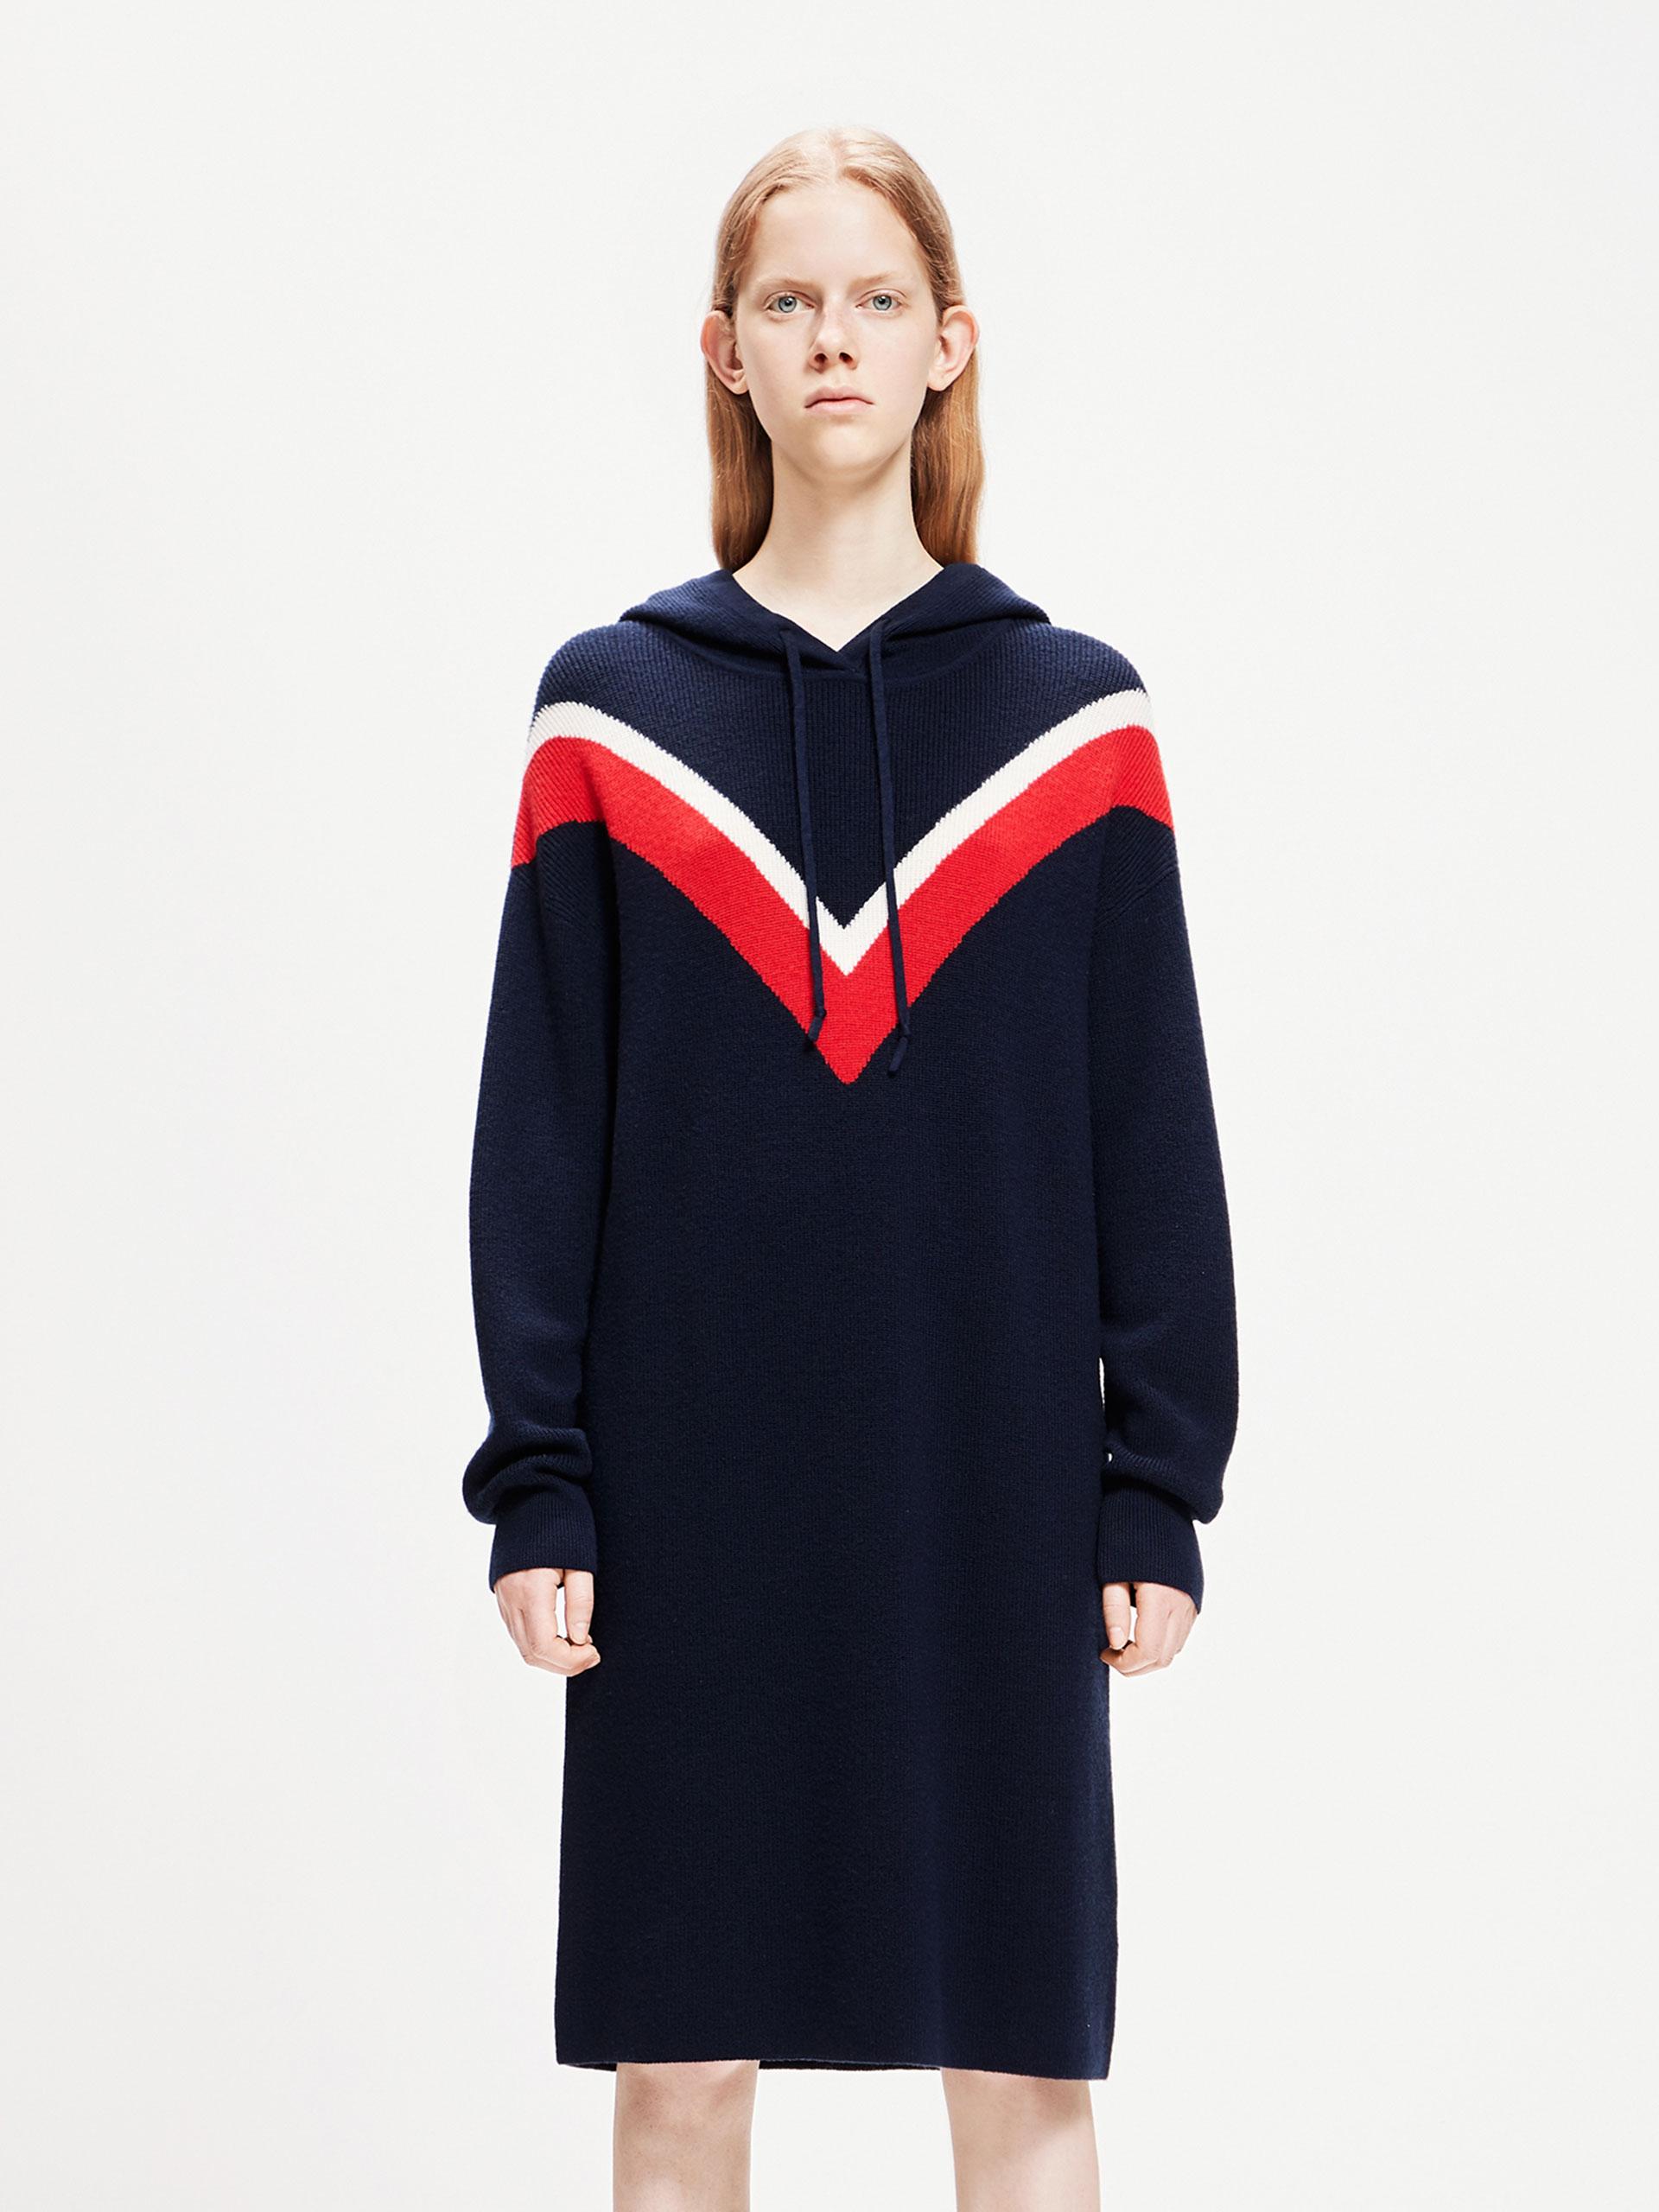 「春季新品」羊毛连衣裙